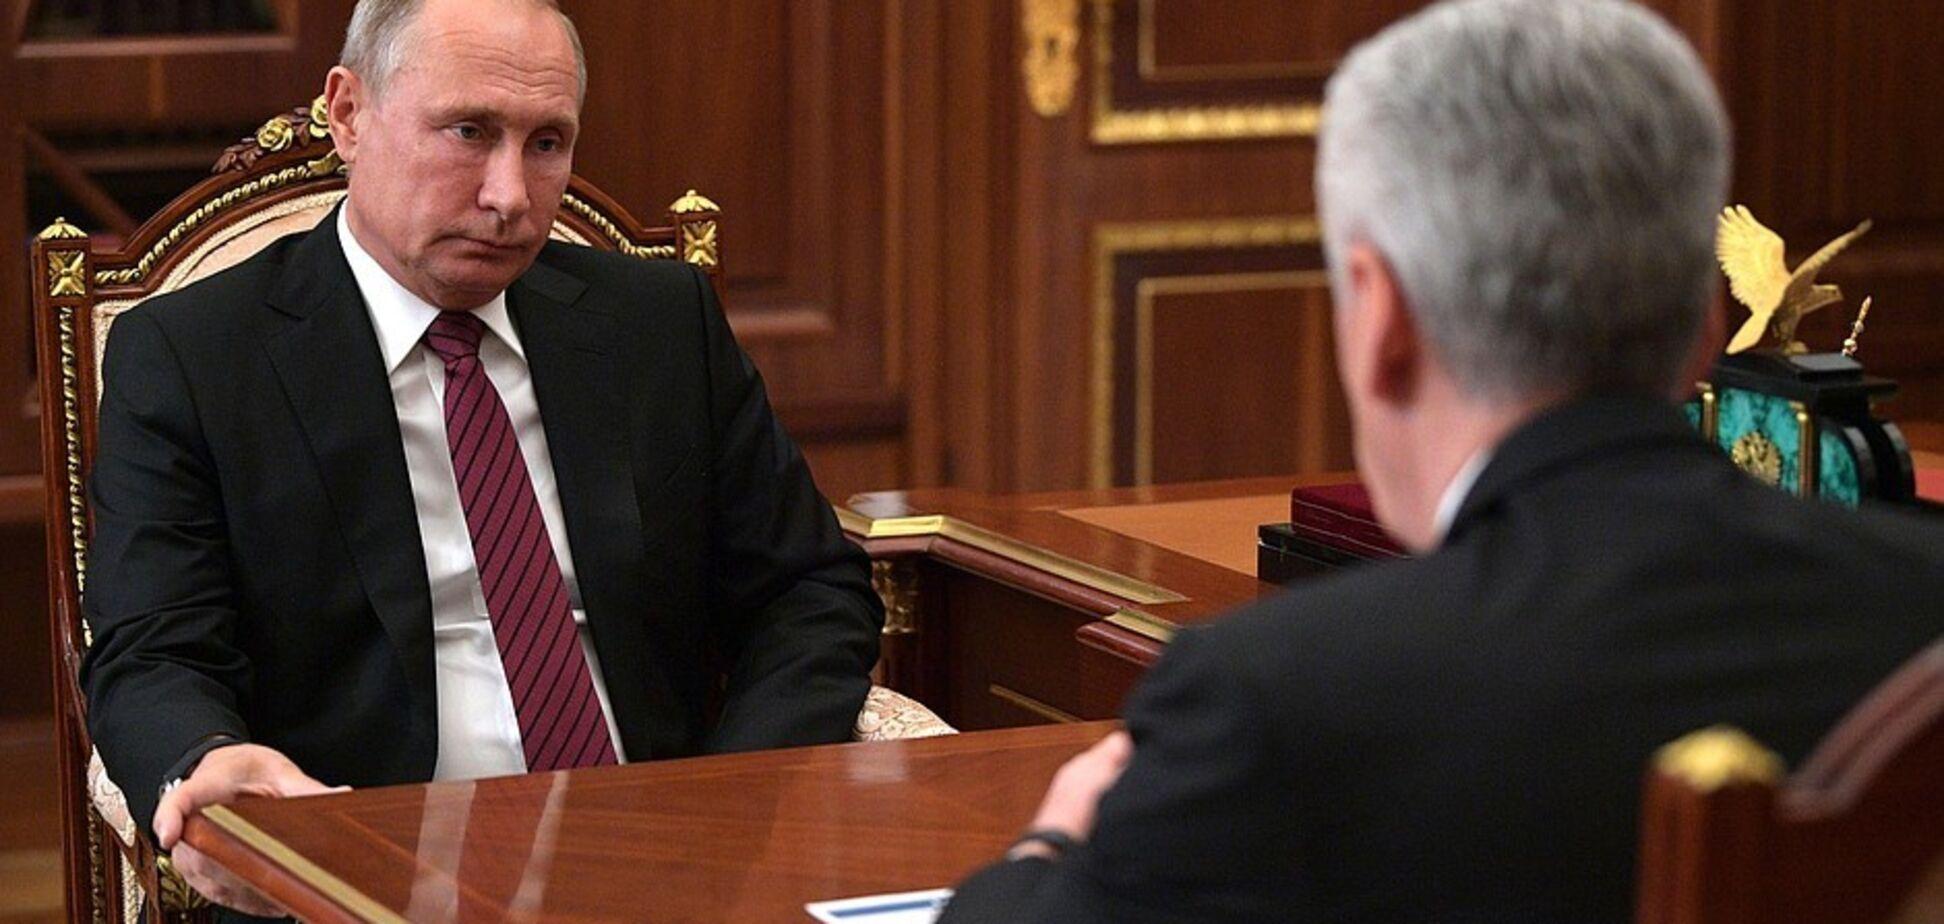 ''Був у Росії'': Путін виступив із нахабною заявою про Крим